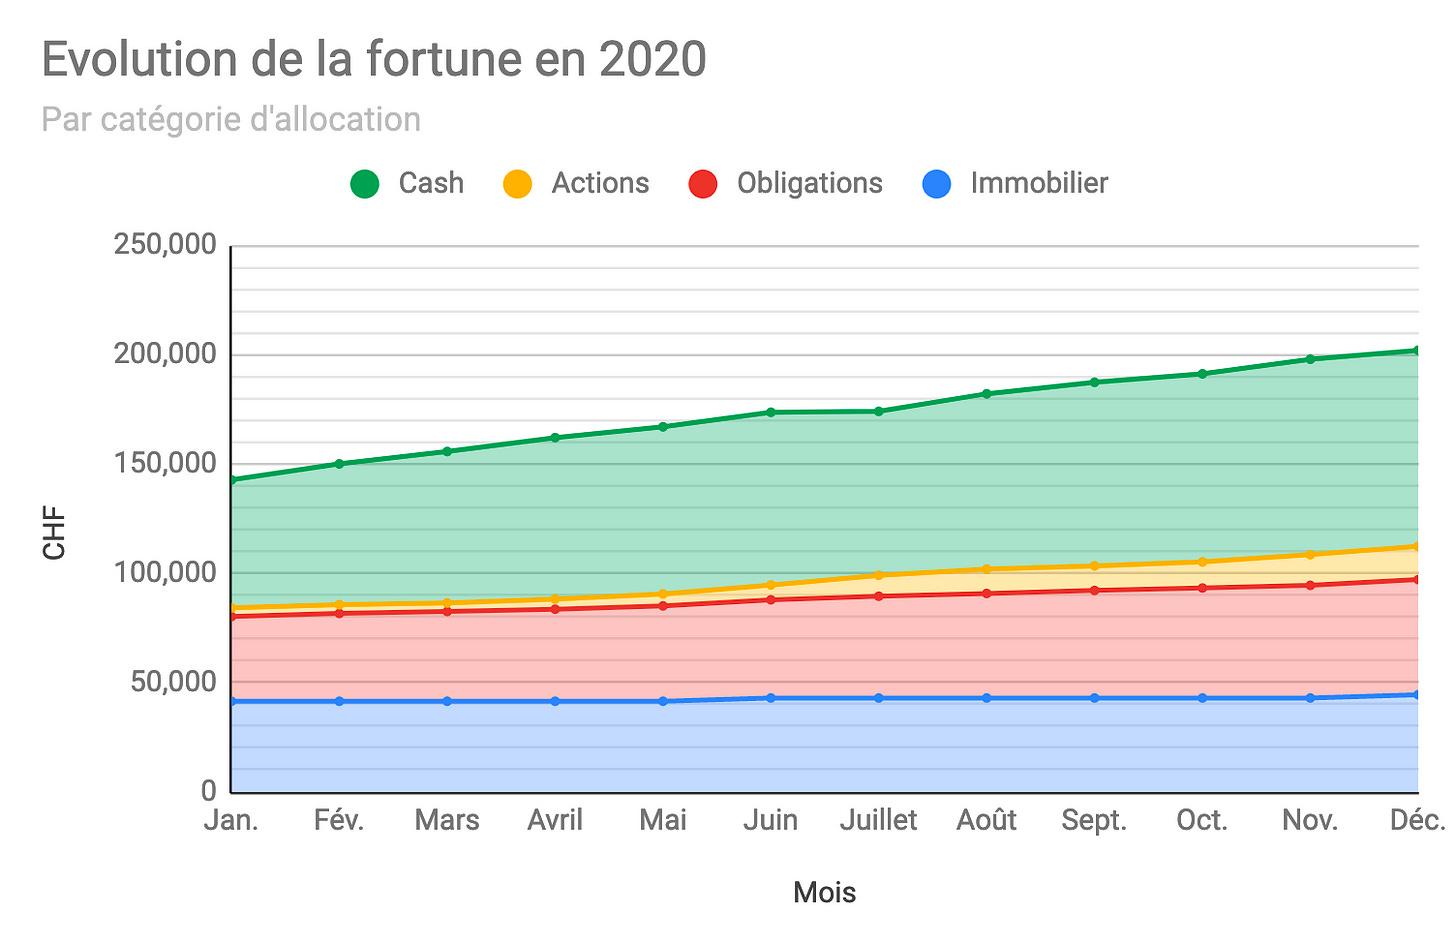 Graphique montrant l'évolution de la fortune au fil des mois de l'année 2020